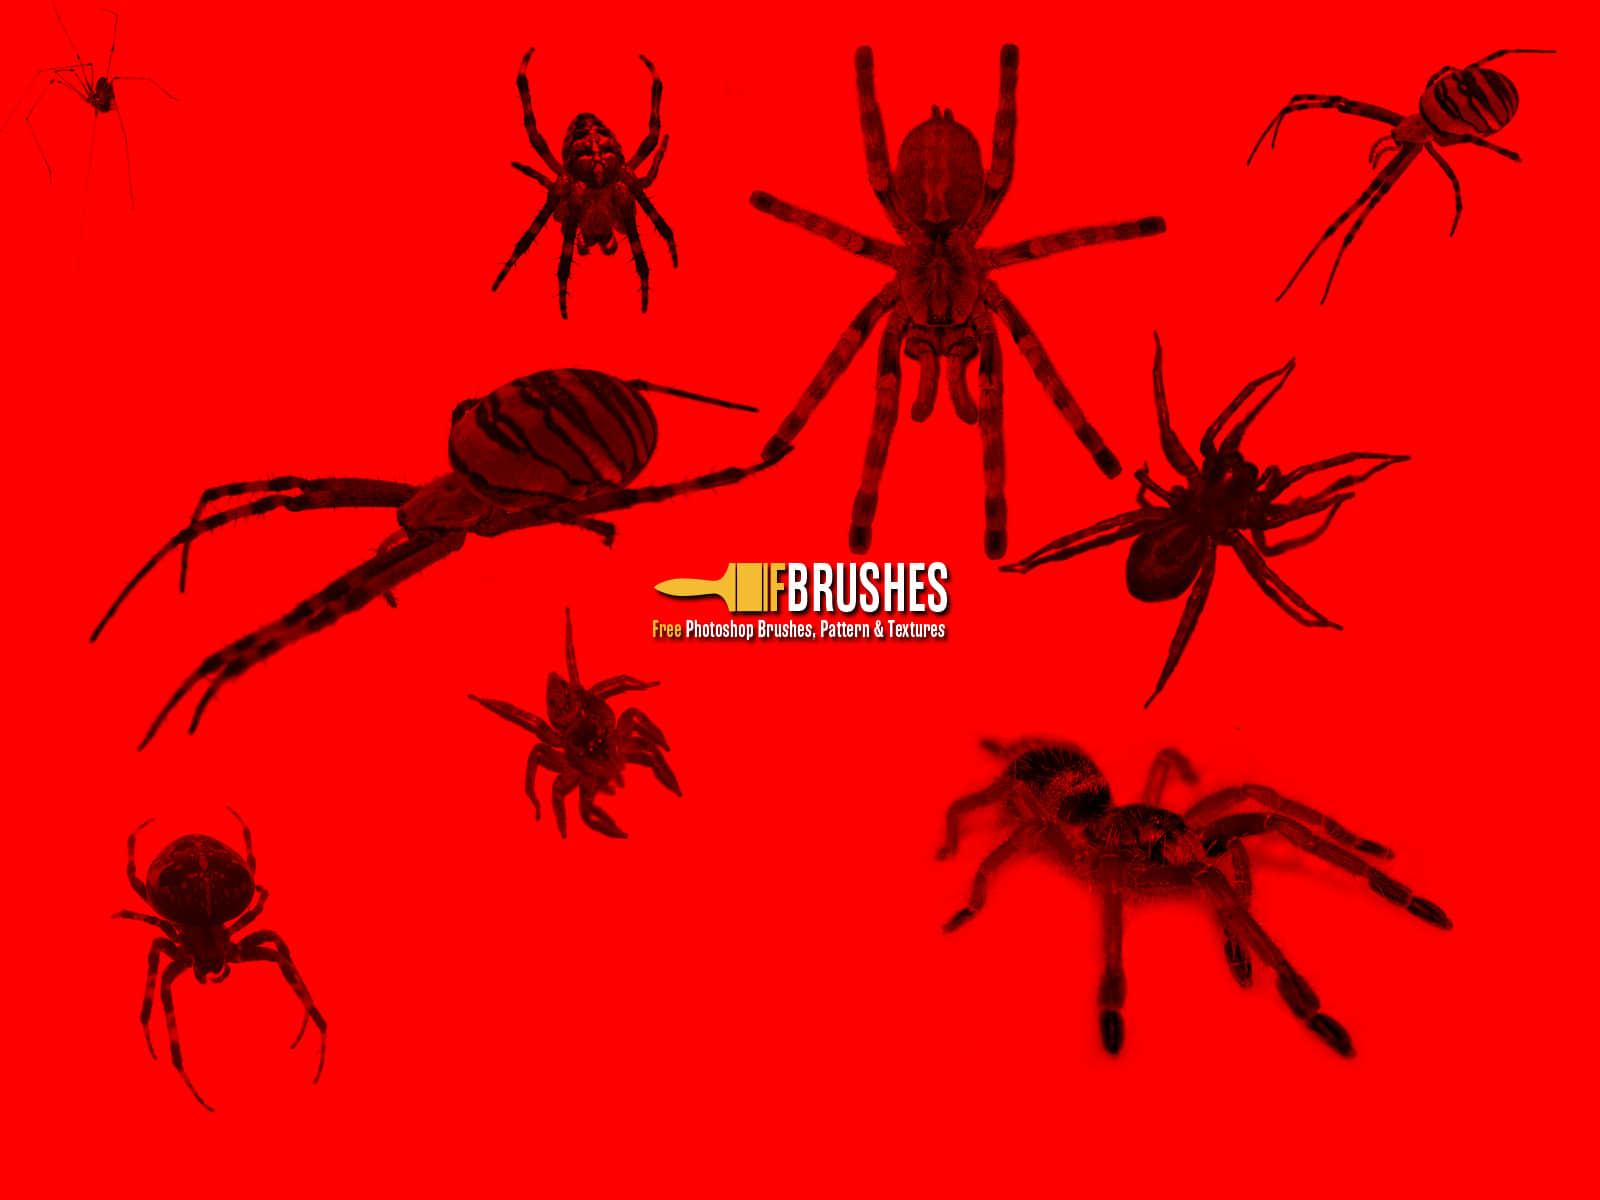 真实恐怖蜘蛛、狼蛛、黑寡妇蜘蛛Photoshop笔刷下载 蜘蛛笔刷 毒蜘蛛笔刷  insects brushes